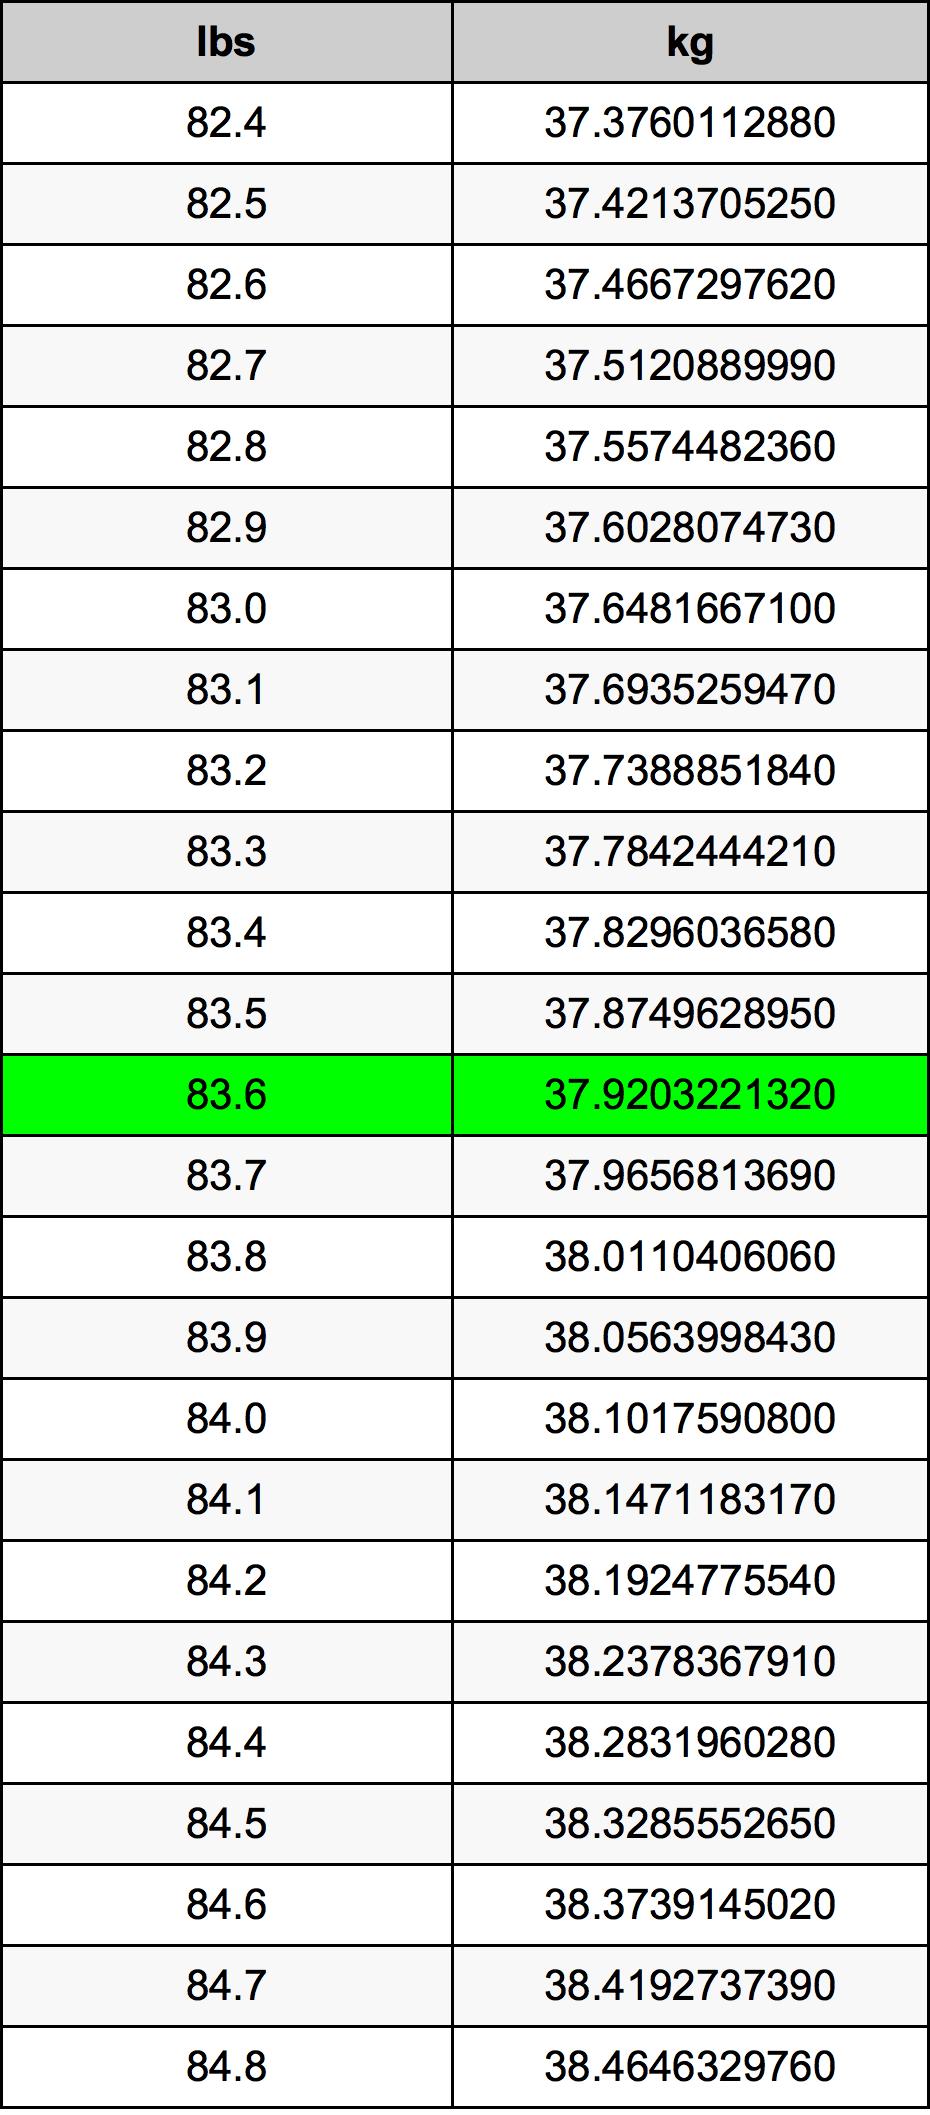 83.6 Svaras konversijos lentelę